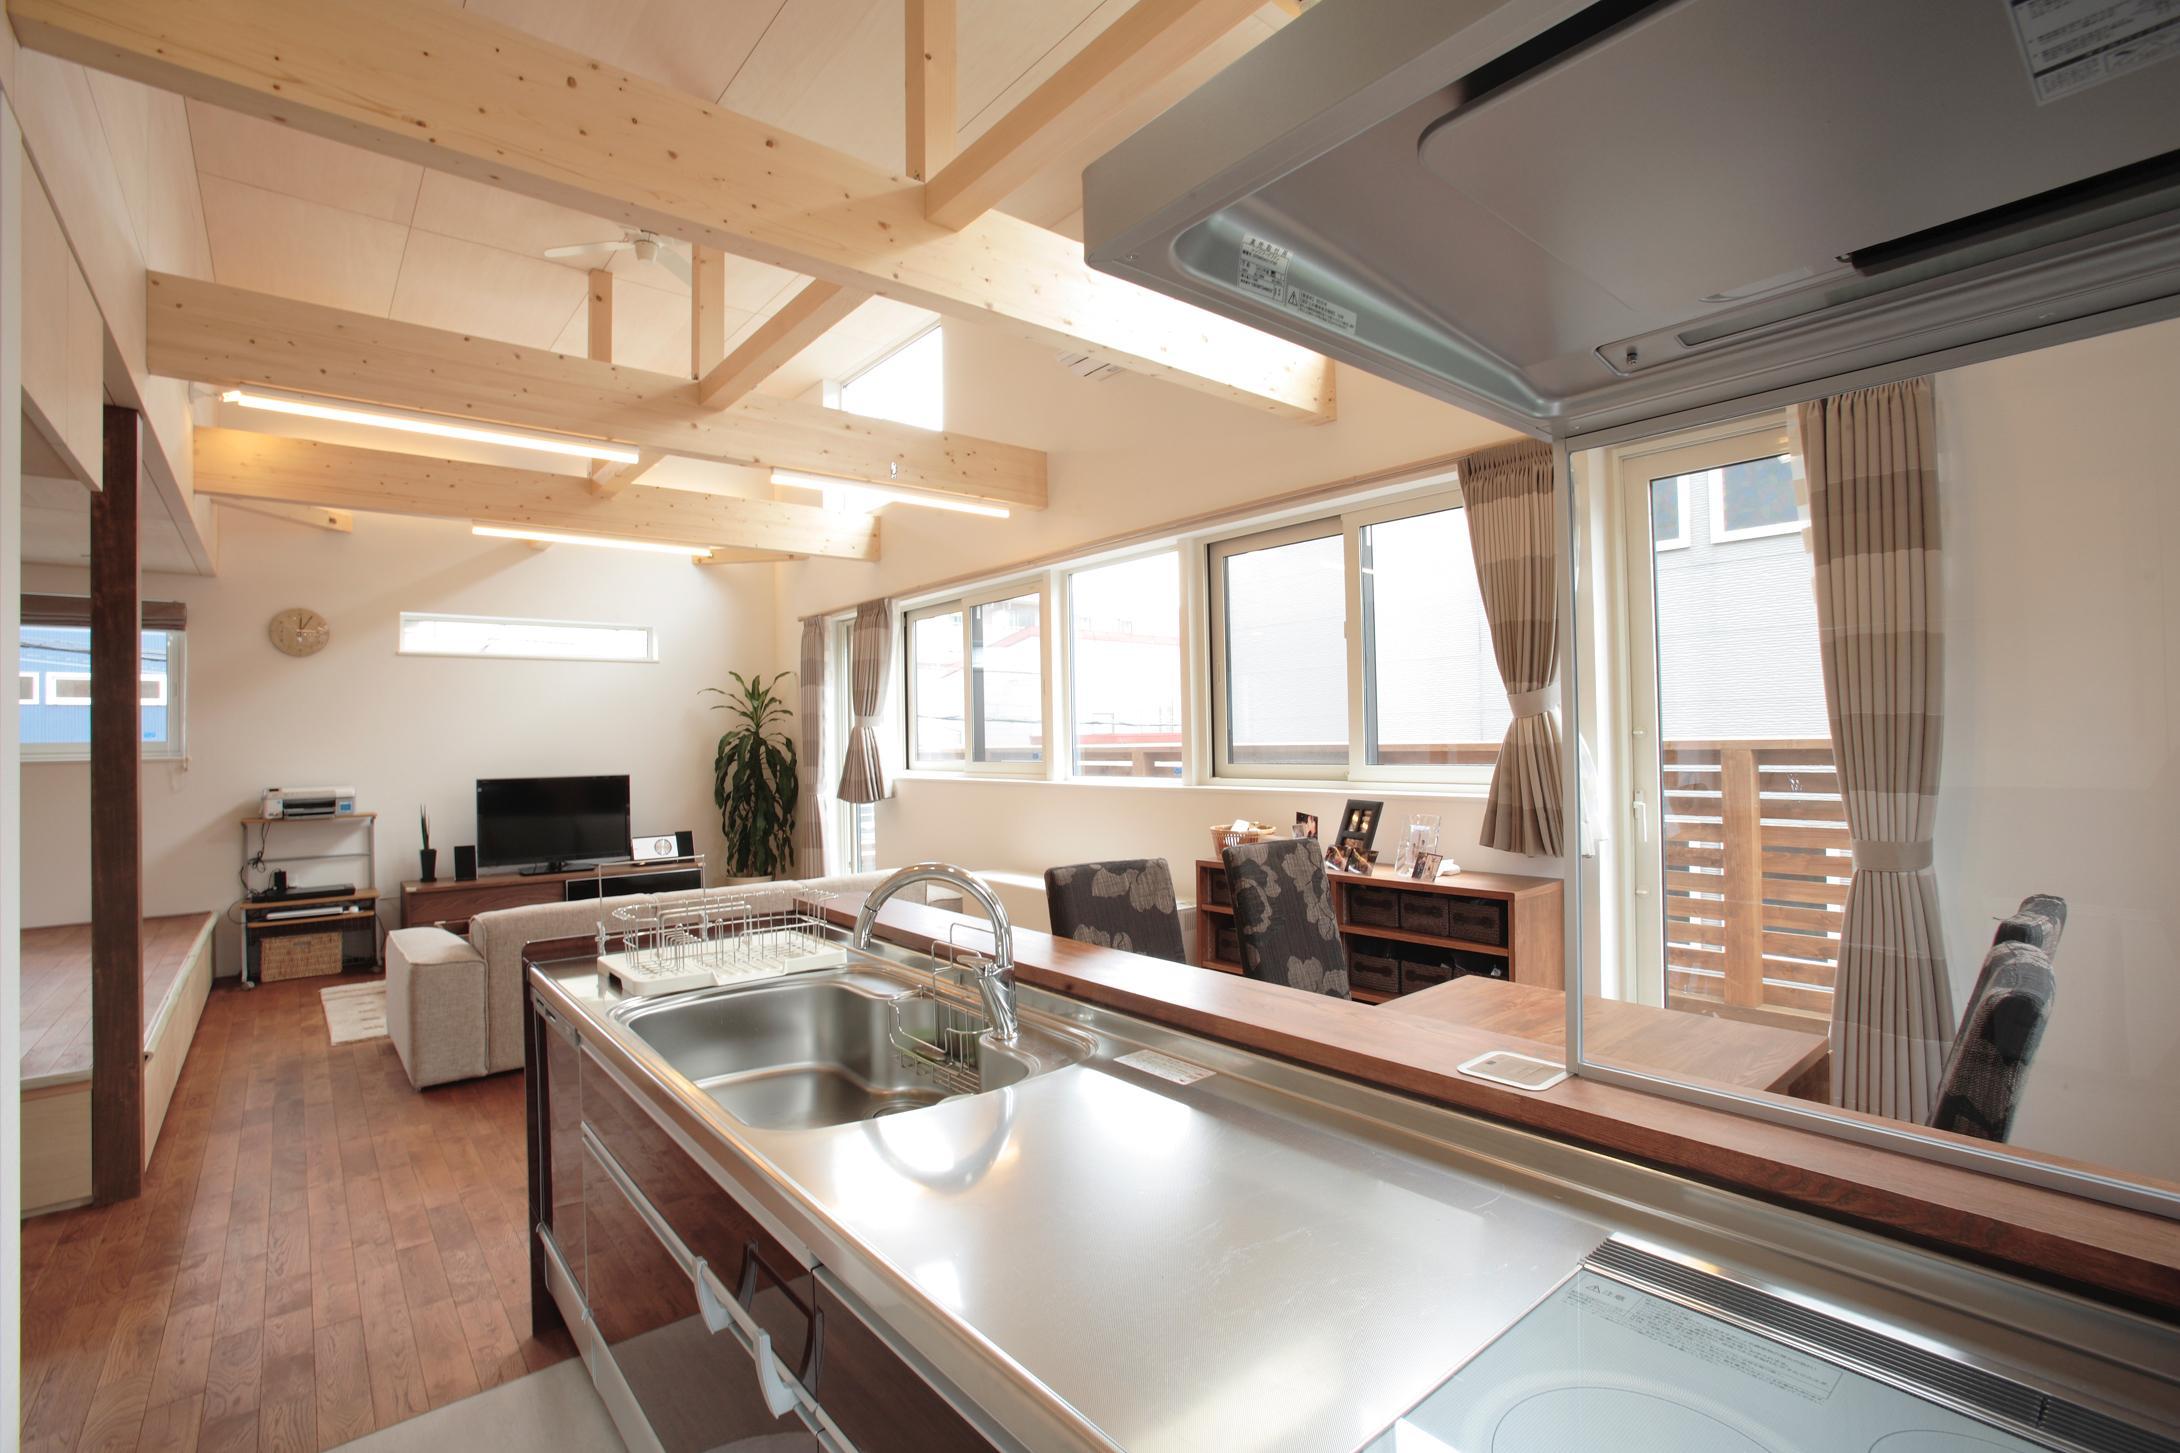 発寒ハウスの写真 対面型キッチン